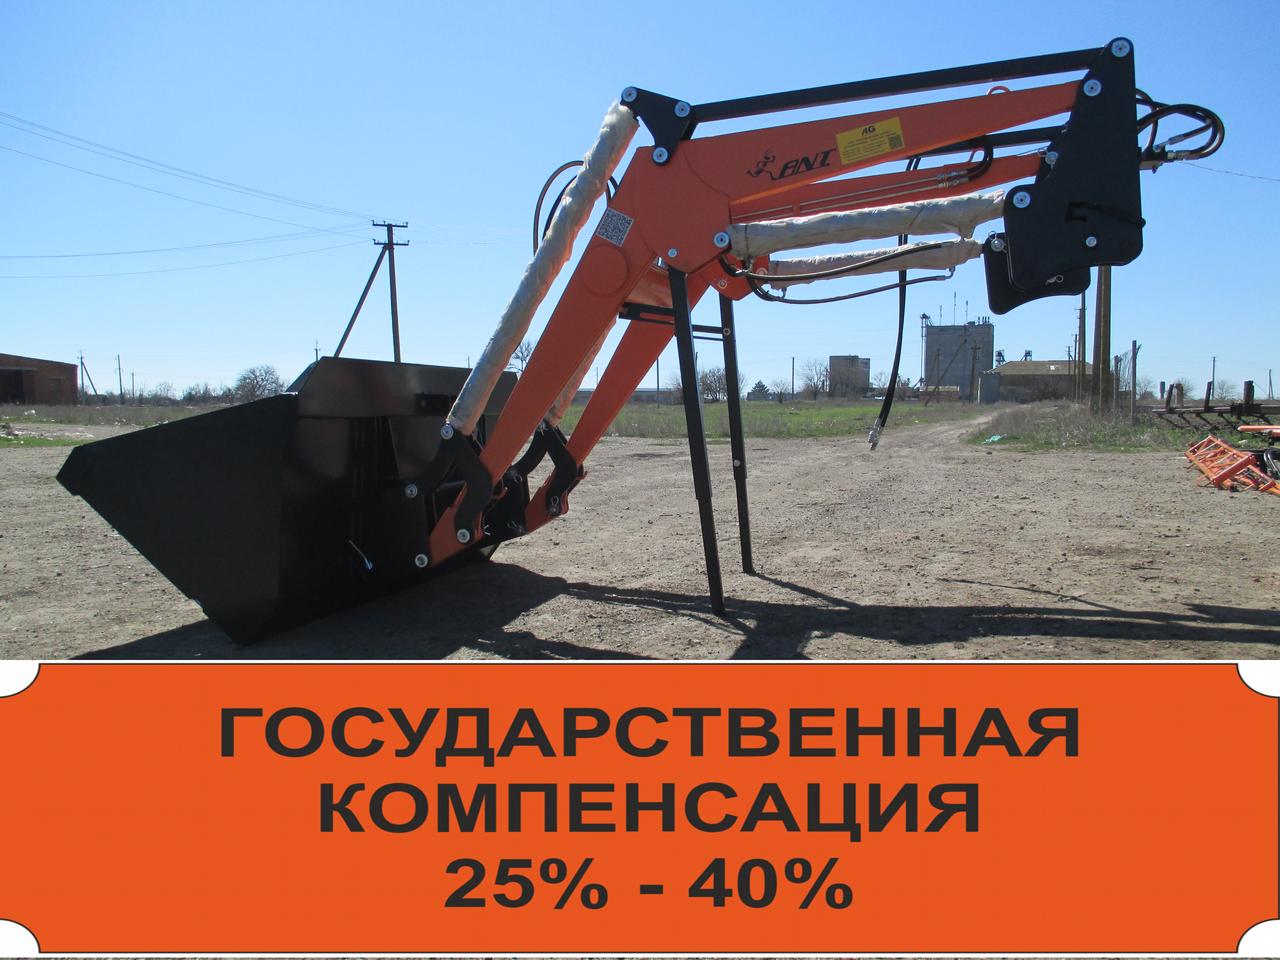 Погрузчик тракторный Фронтальный Быстросъёмный НТ-1200 на МТЗ.